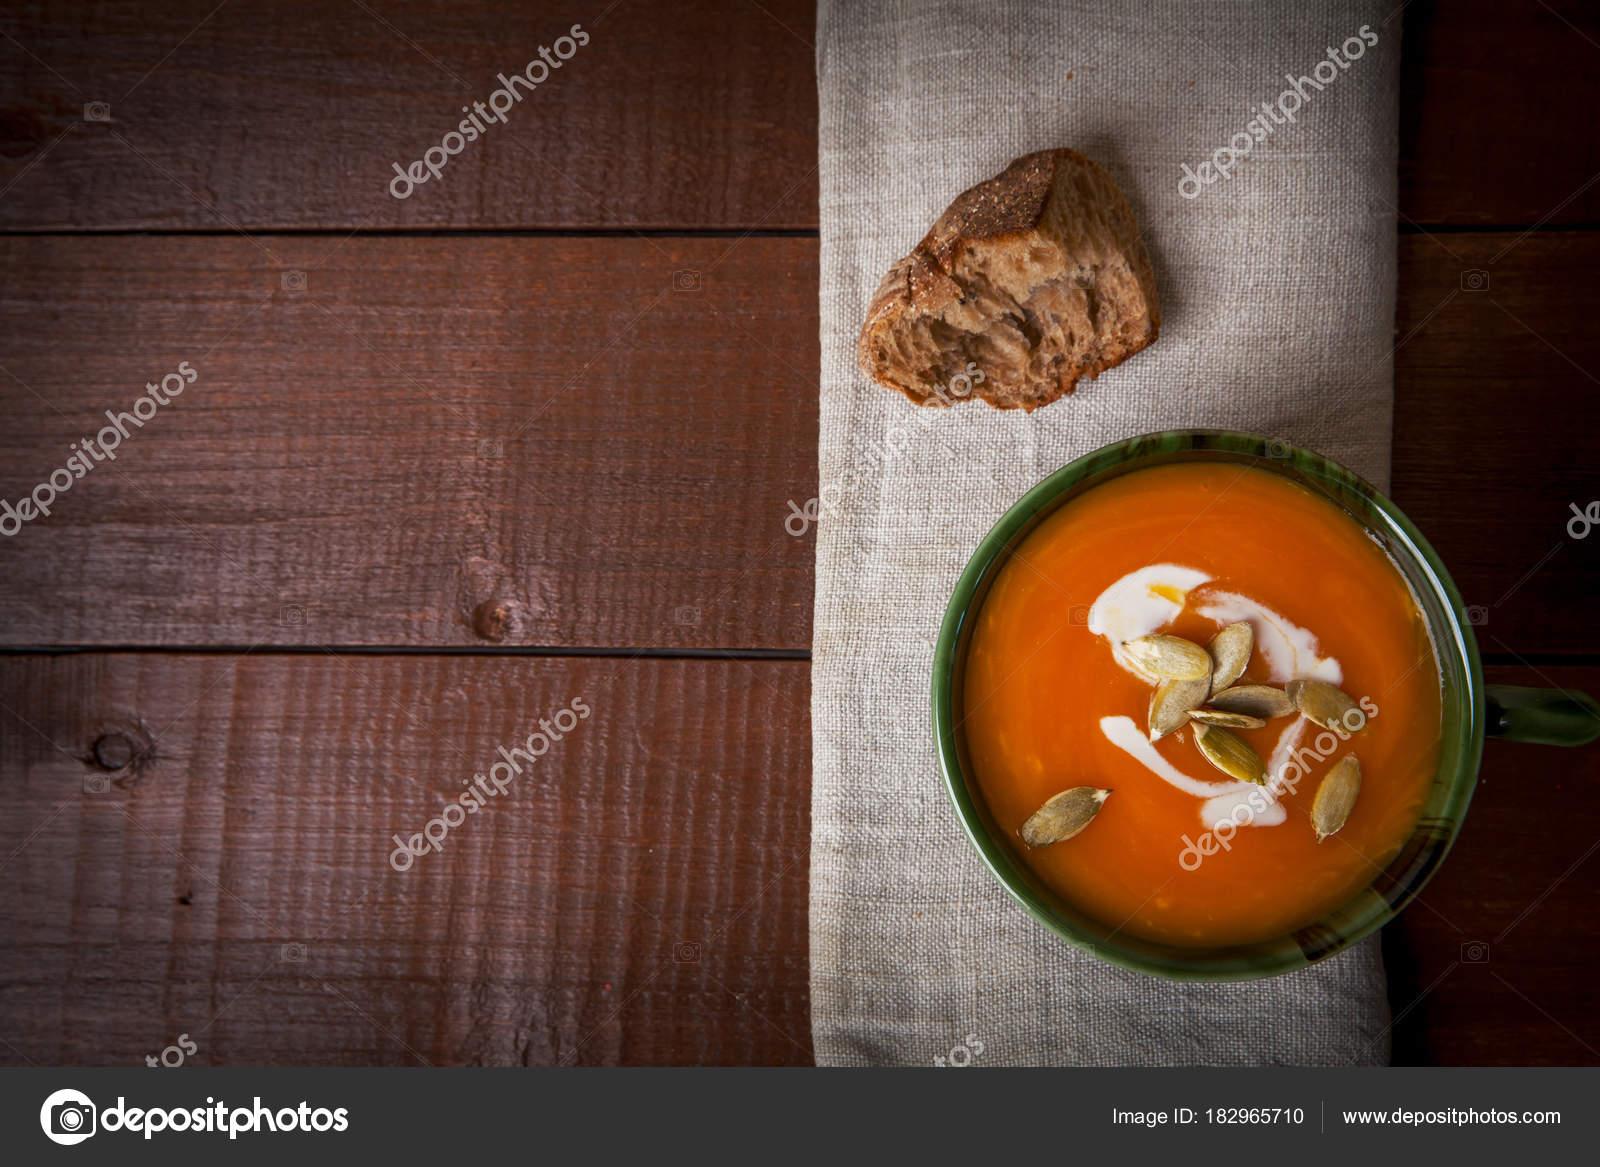 Groß Küchentrockengestell Bilder - Ideen Für Die Küche Dekoration ...